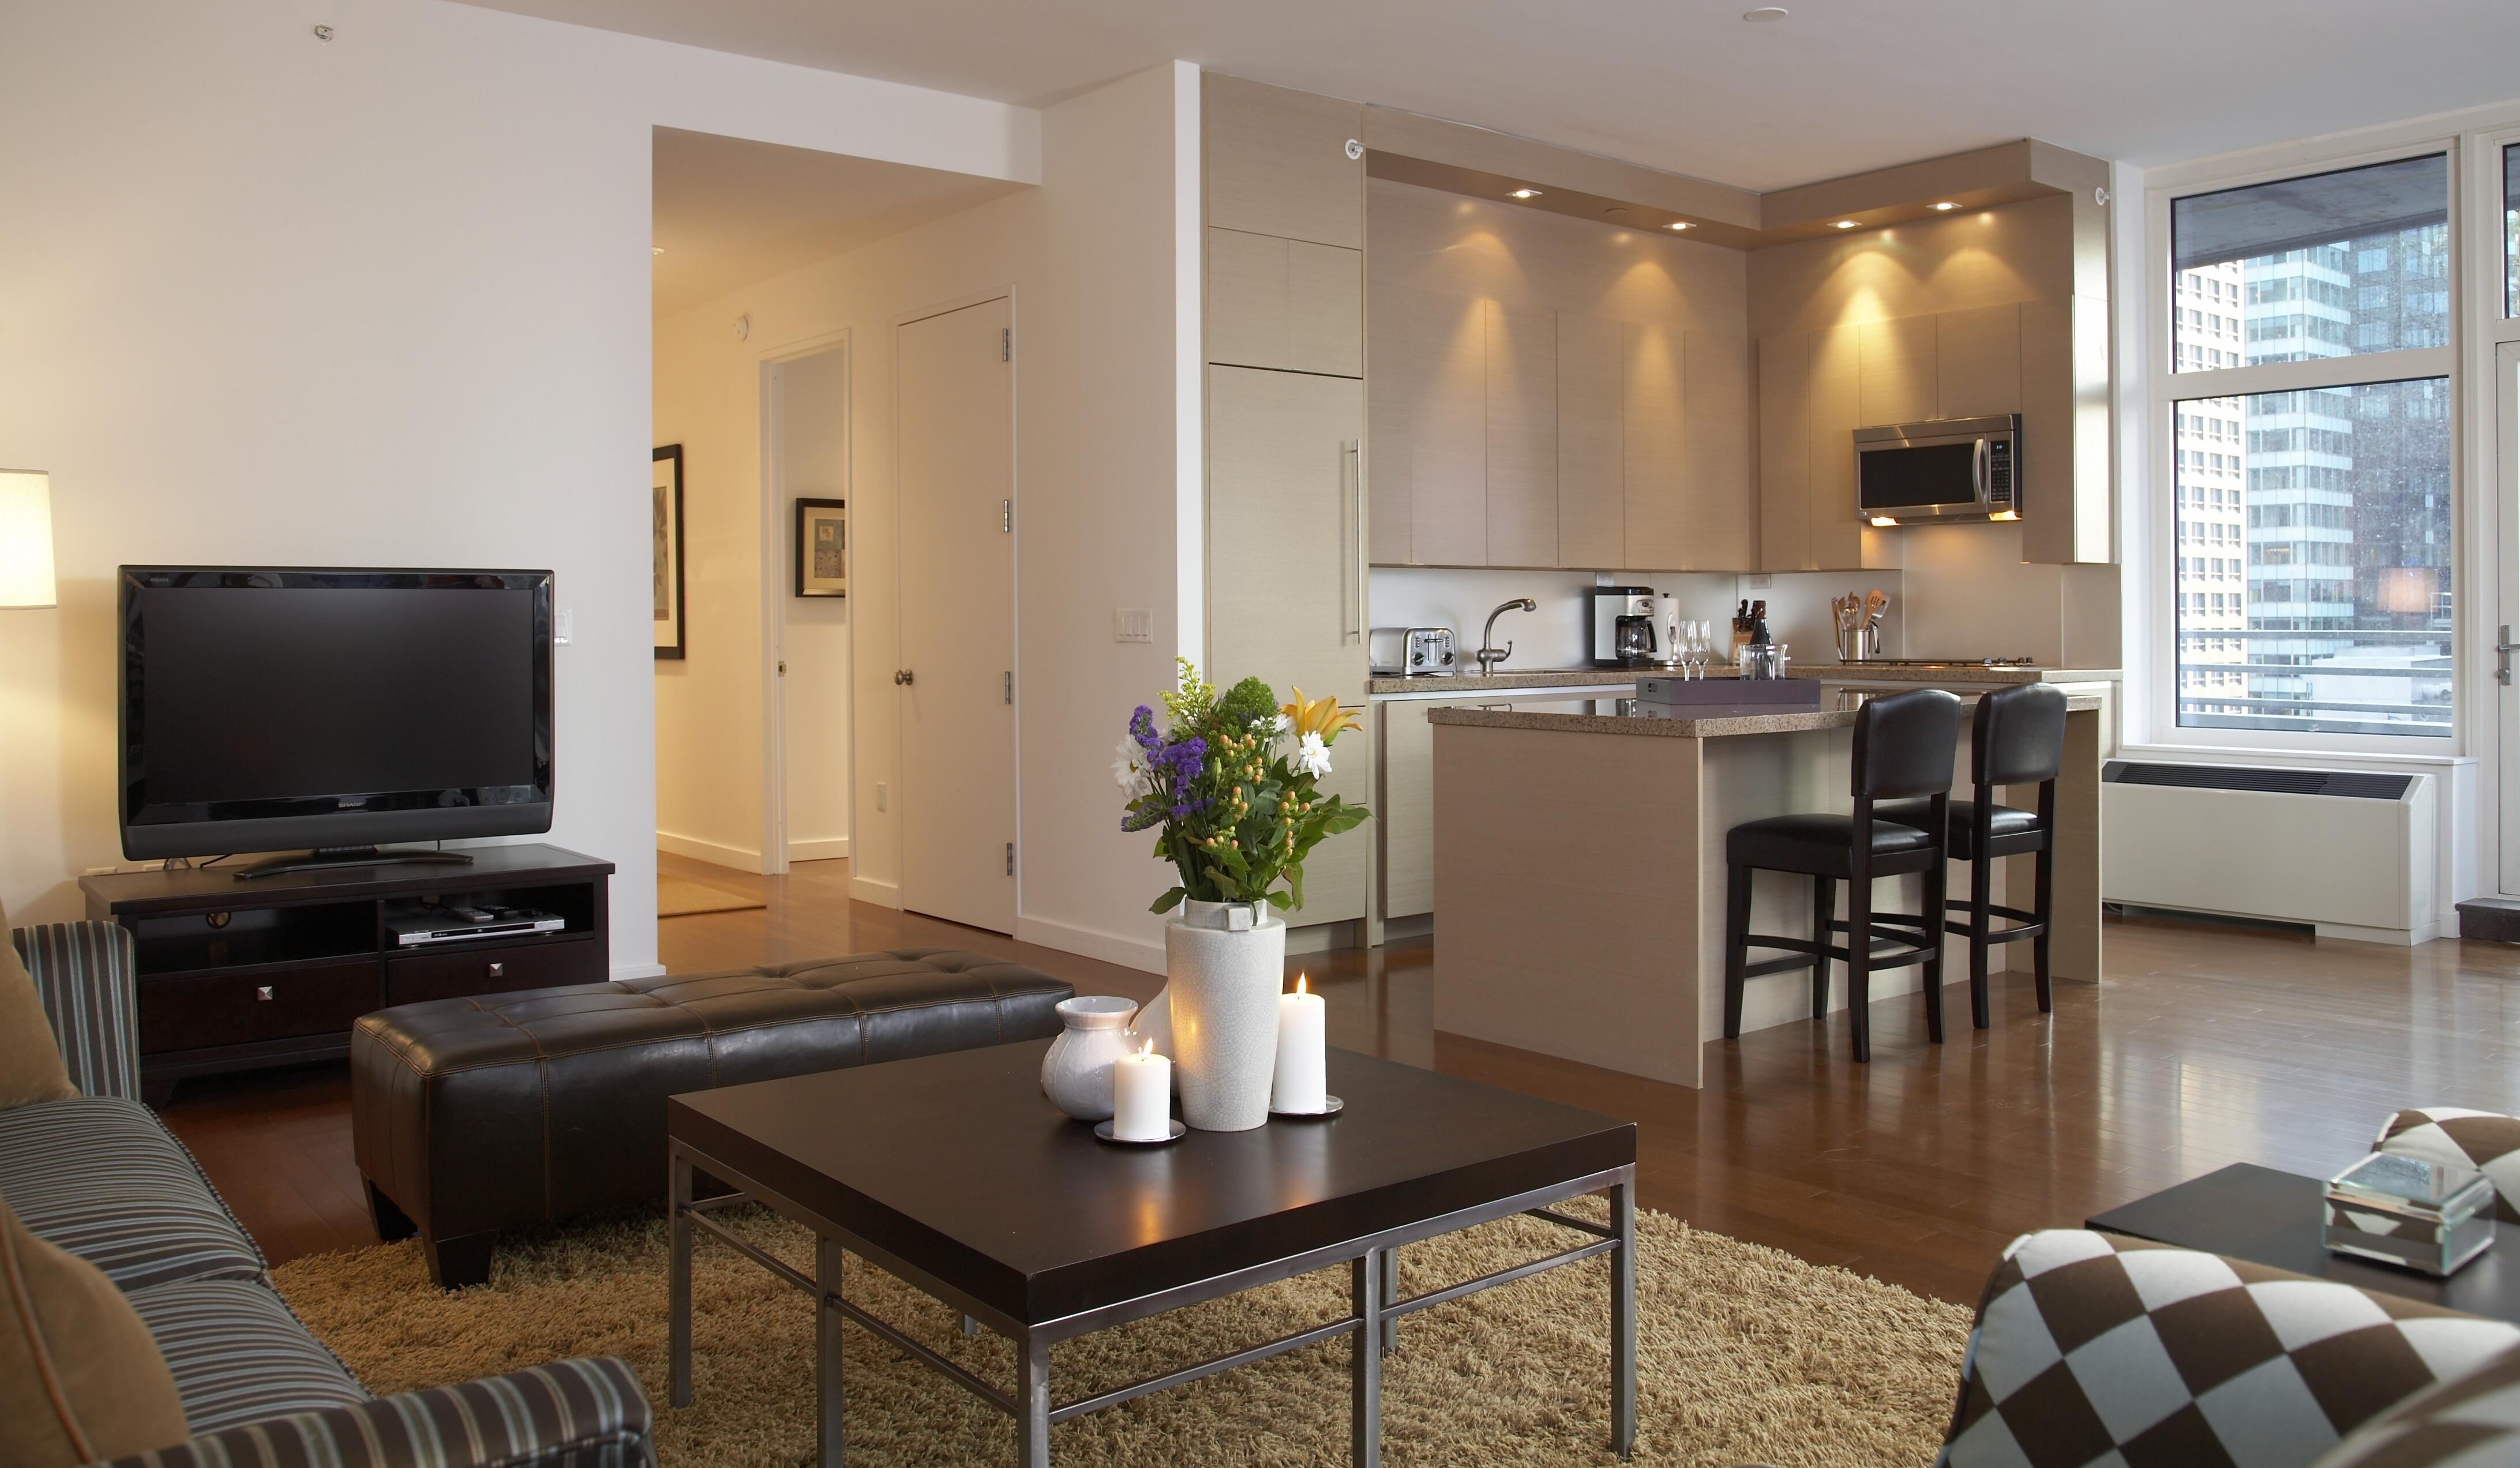 обои для кухни студии и зала интерьер качестве элементов